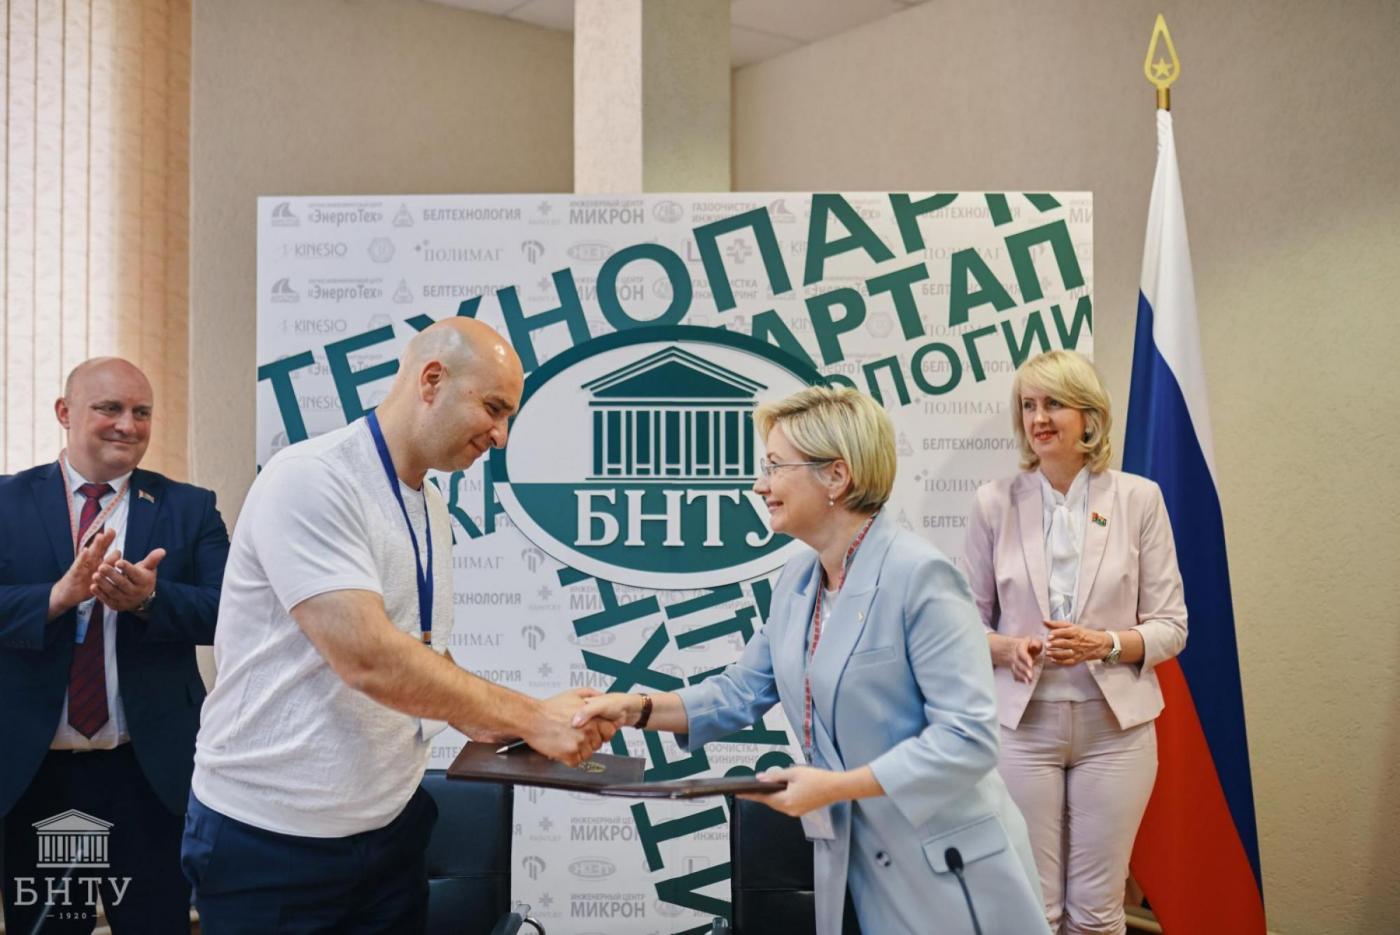 БНТУ принял VIII Форум регионов Беларуси и России